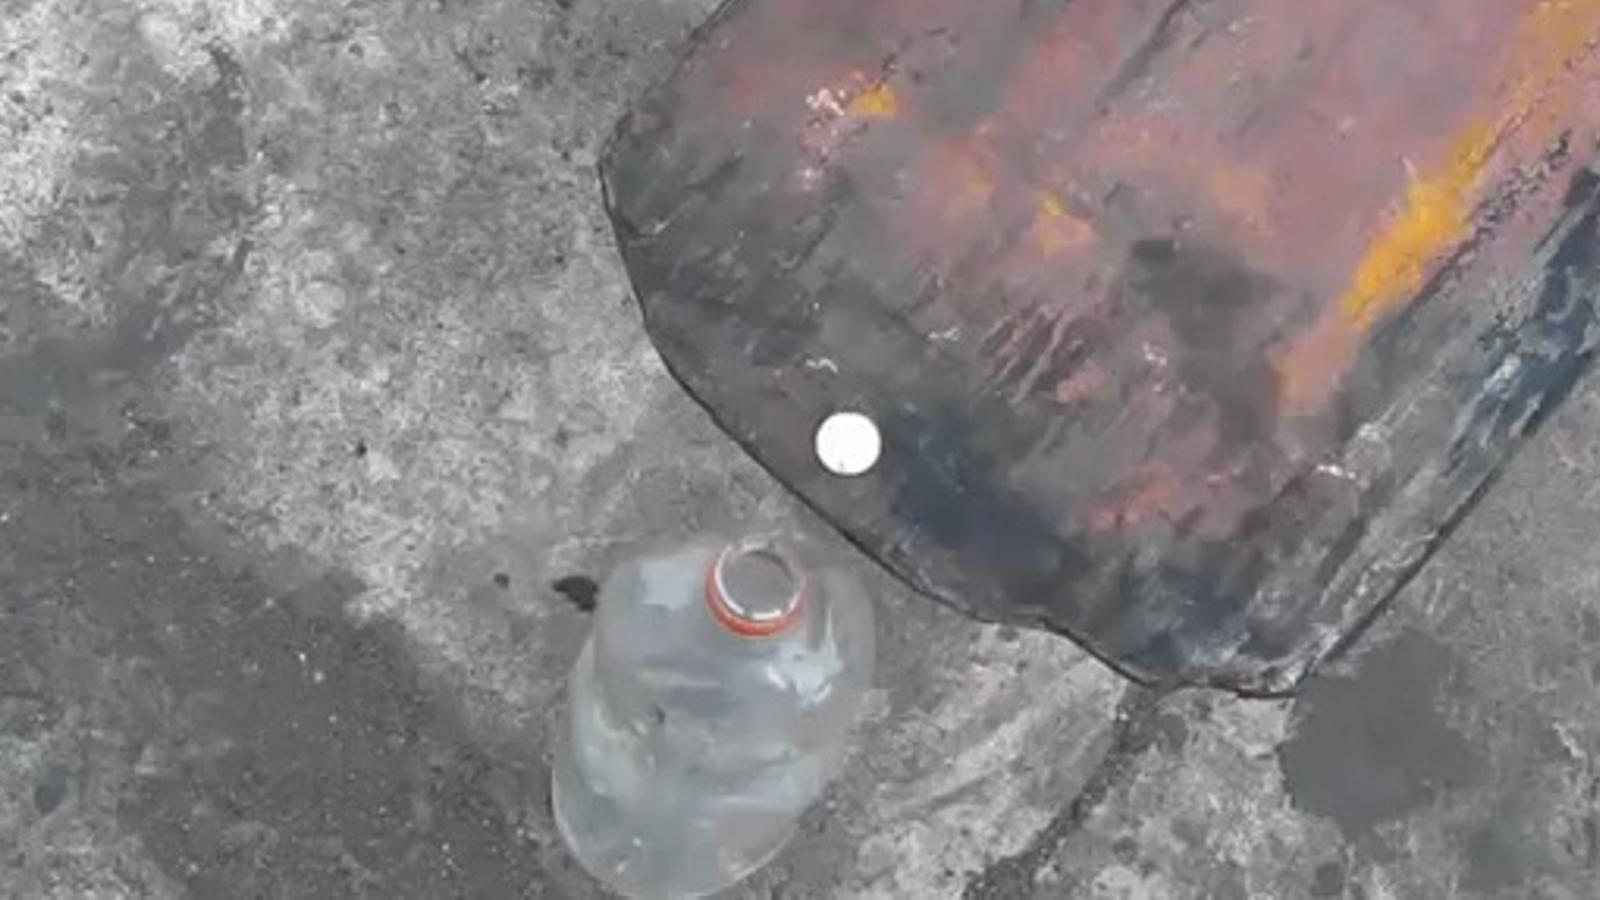 Com es posa una moneda dins d'una ampolla amb un toro mecànic?